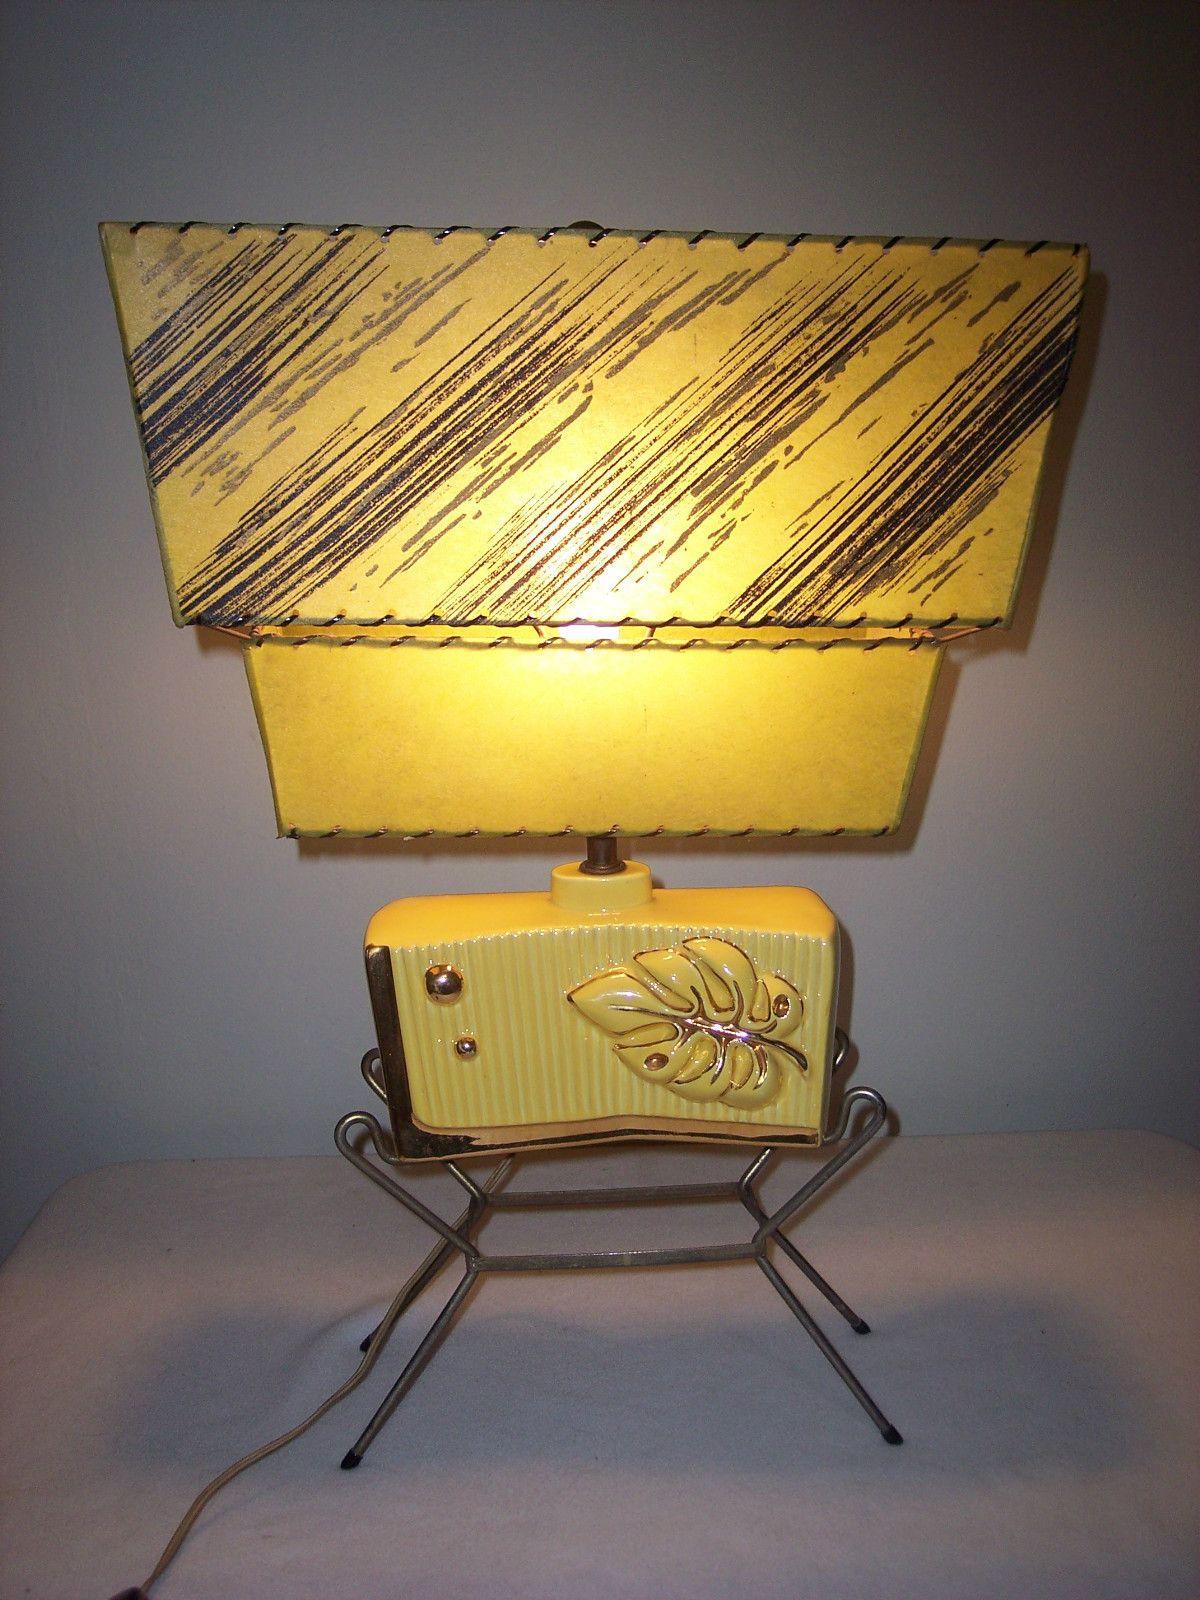 Fabulous 1950s Mid Century Modern Eames Era Atomic Lamp 2 Tier Fiberglass Shade Mid Century Lamp Mid Century Modern Lamps Mid Century Decor